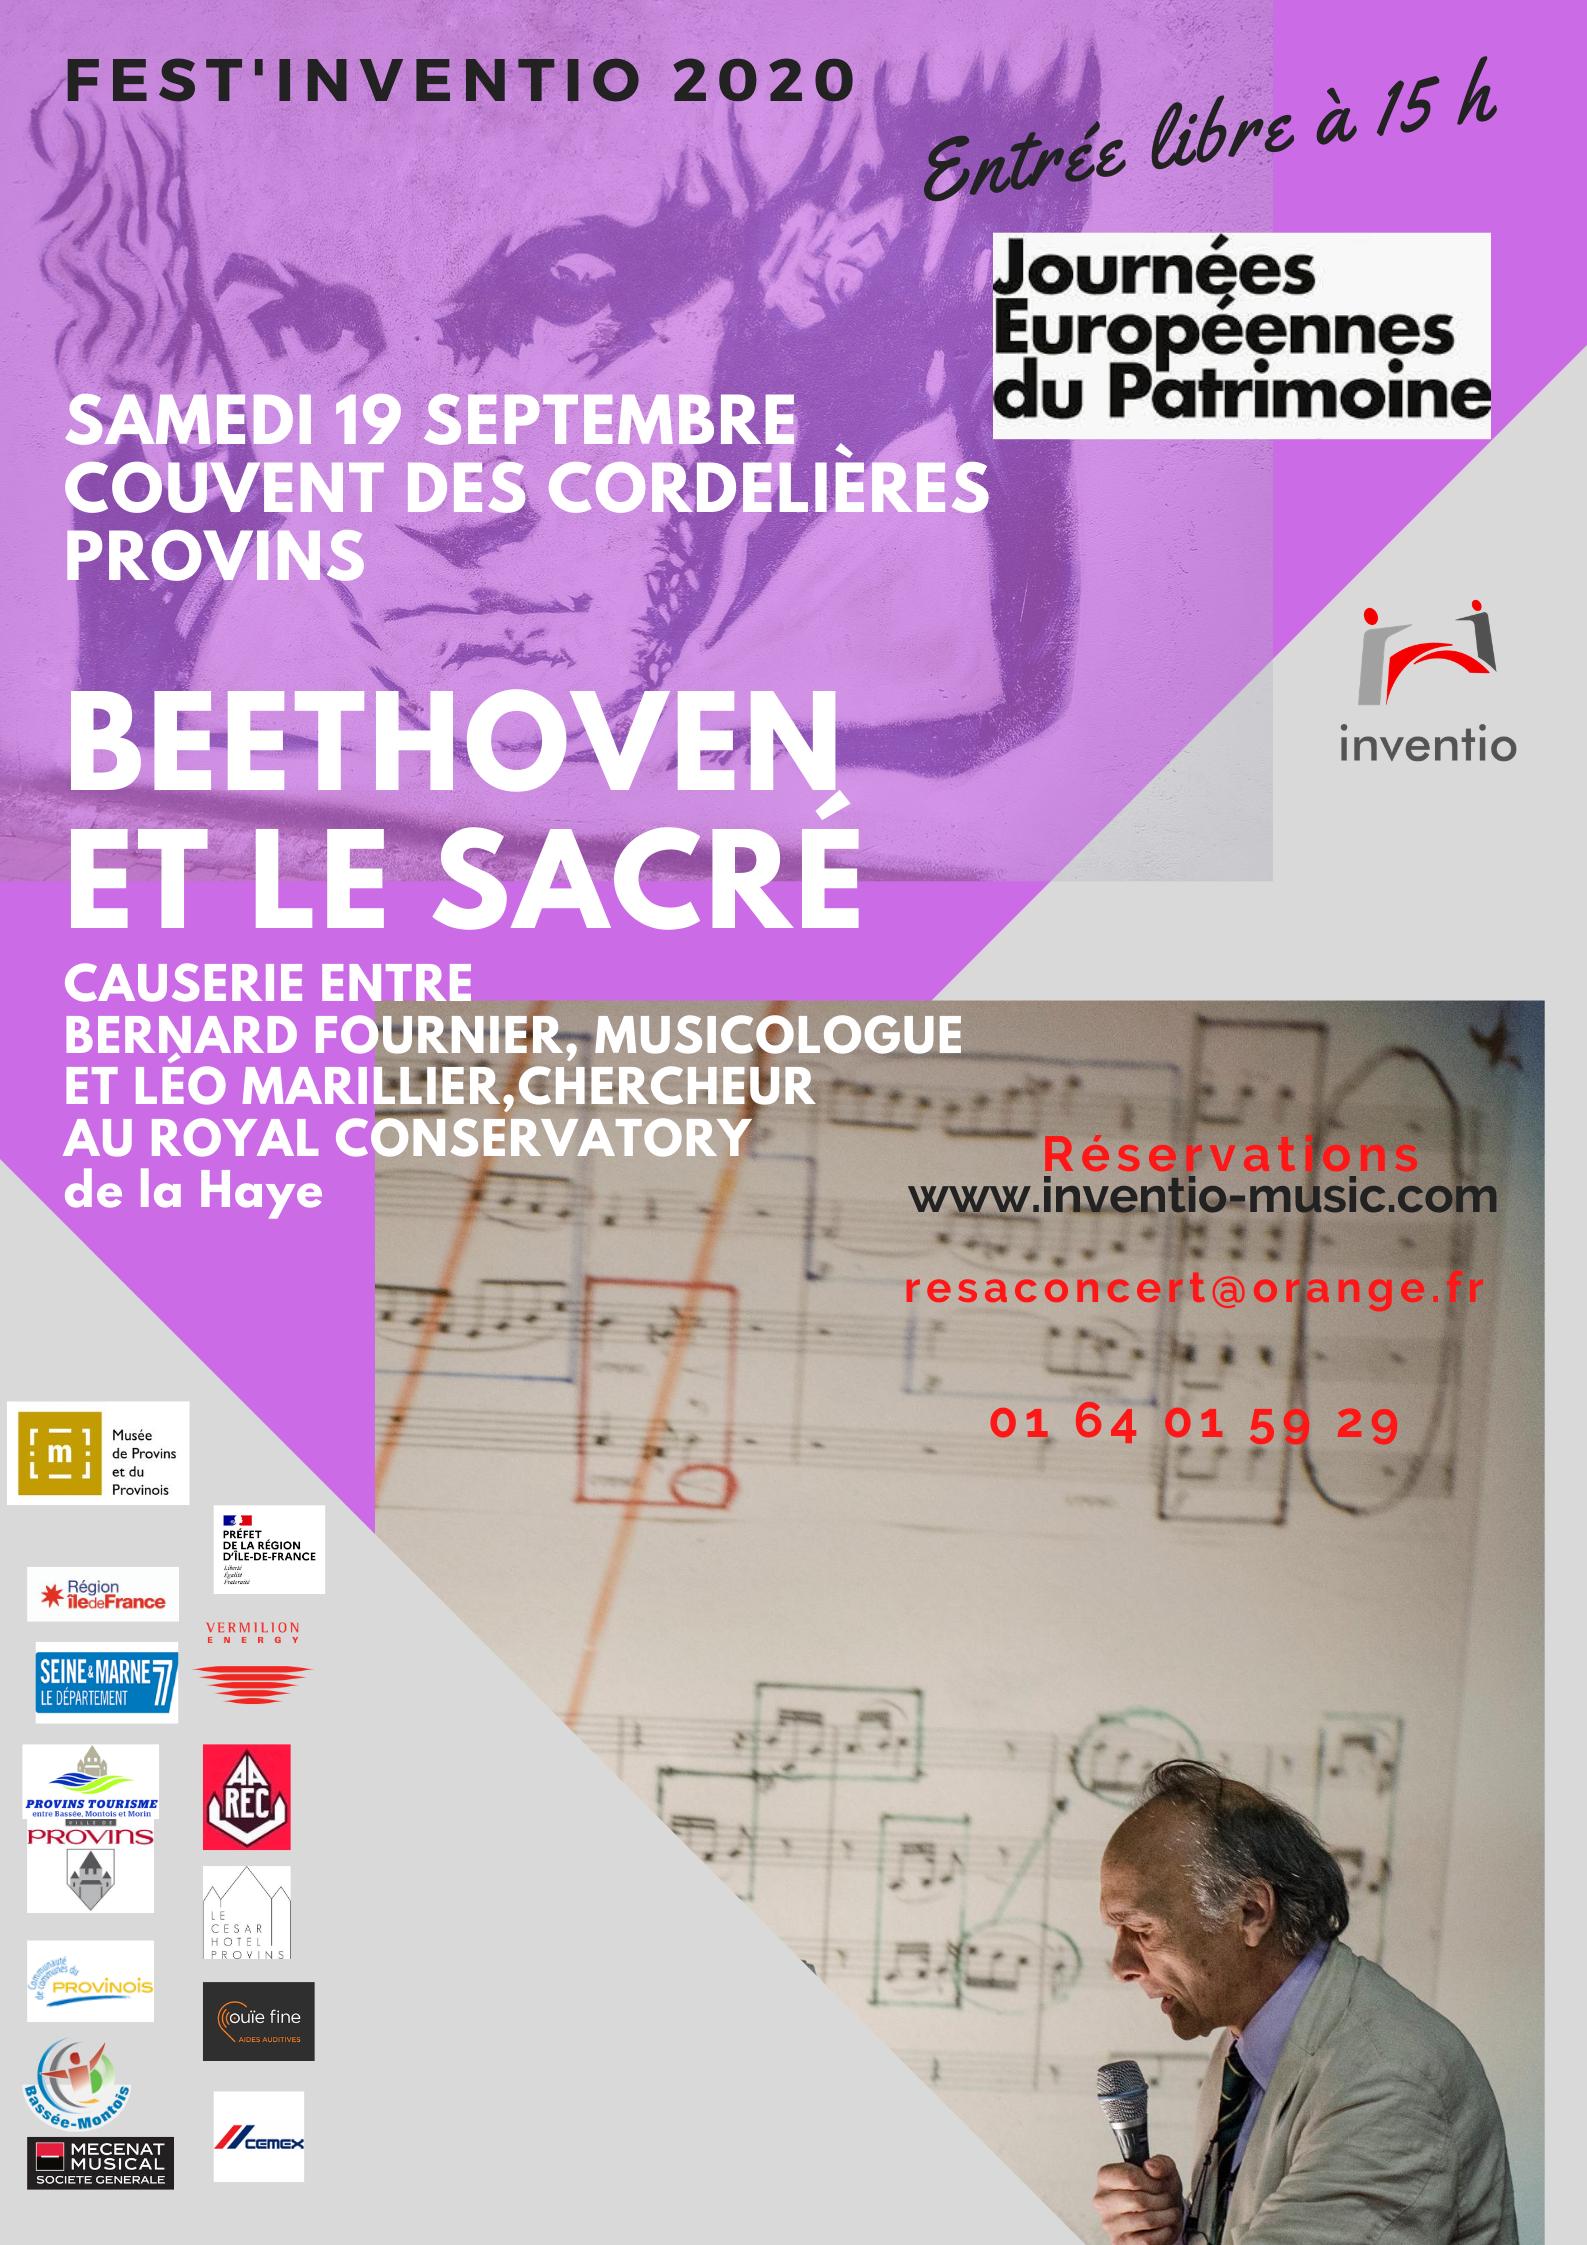 FEST'INVENTION BEETHOVEN ET LE SACRÉ @ Couvent des Cordelières